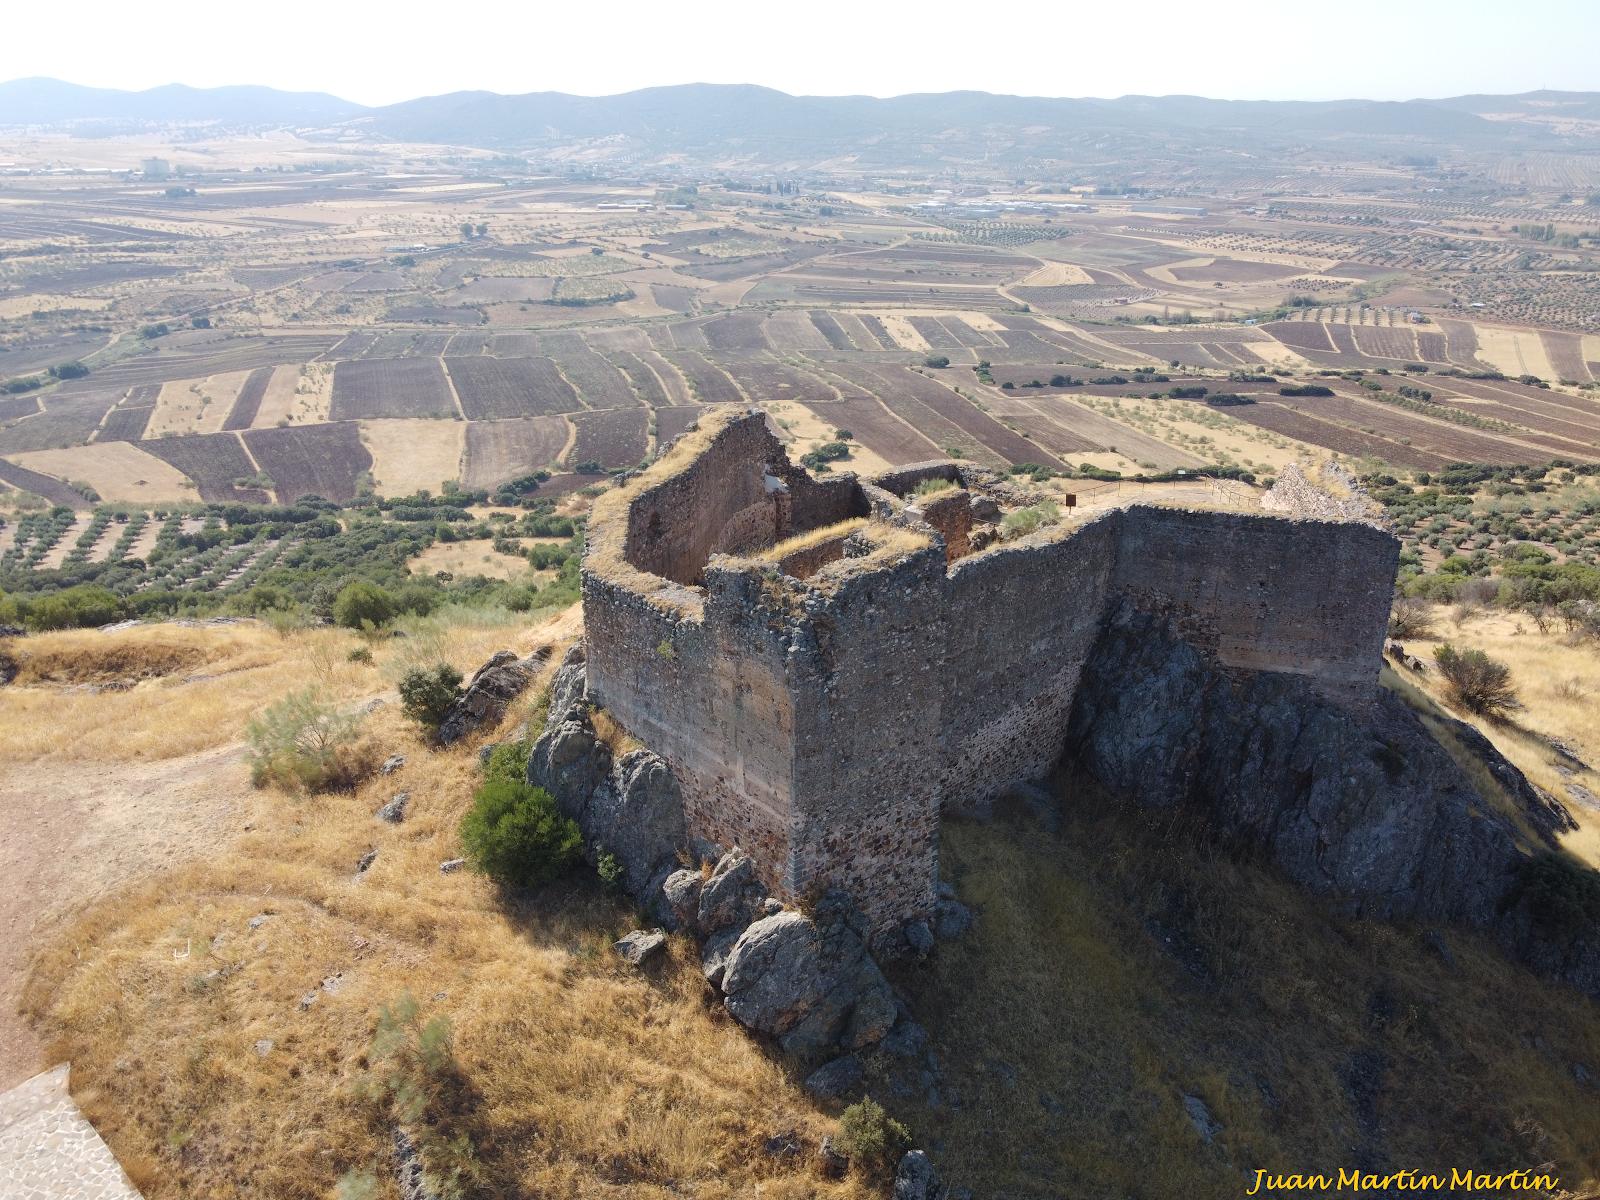 El castillo de Miraflores a vista de drone.